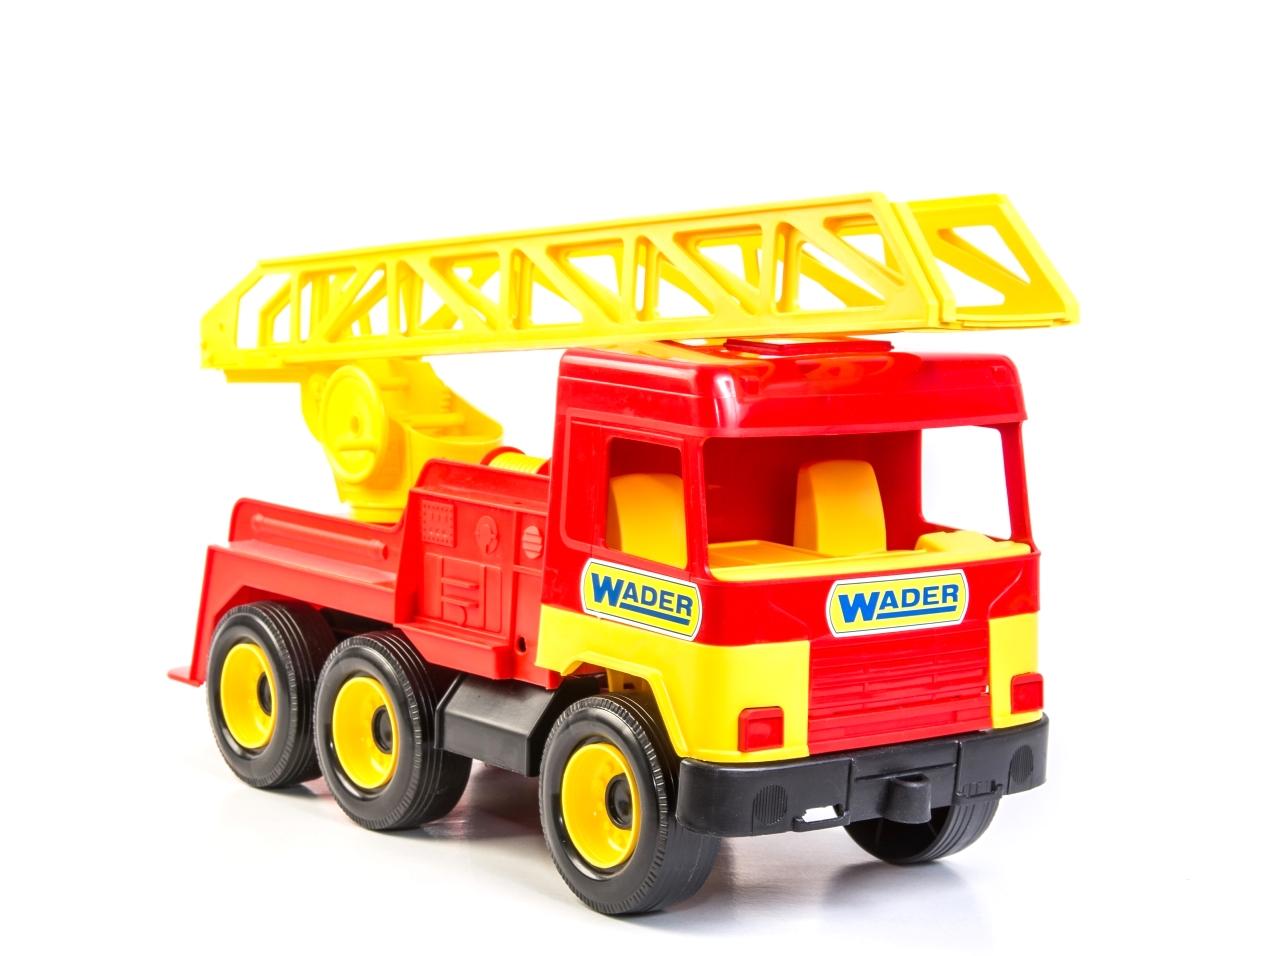 Купить Машина пластиковая WADER 39225 Middle truck пожарная, Полипролипен, Для мальчиков, Украина, Игрушечные машинки и техника